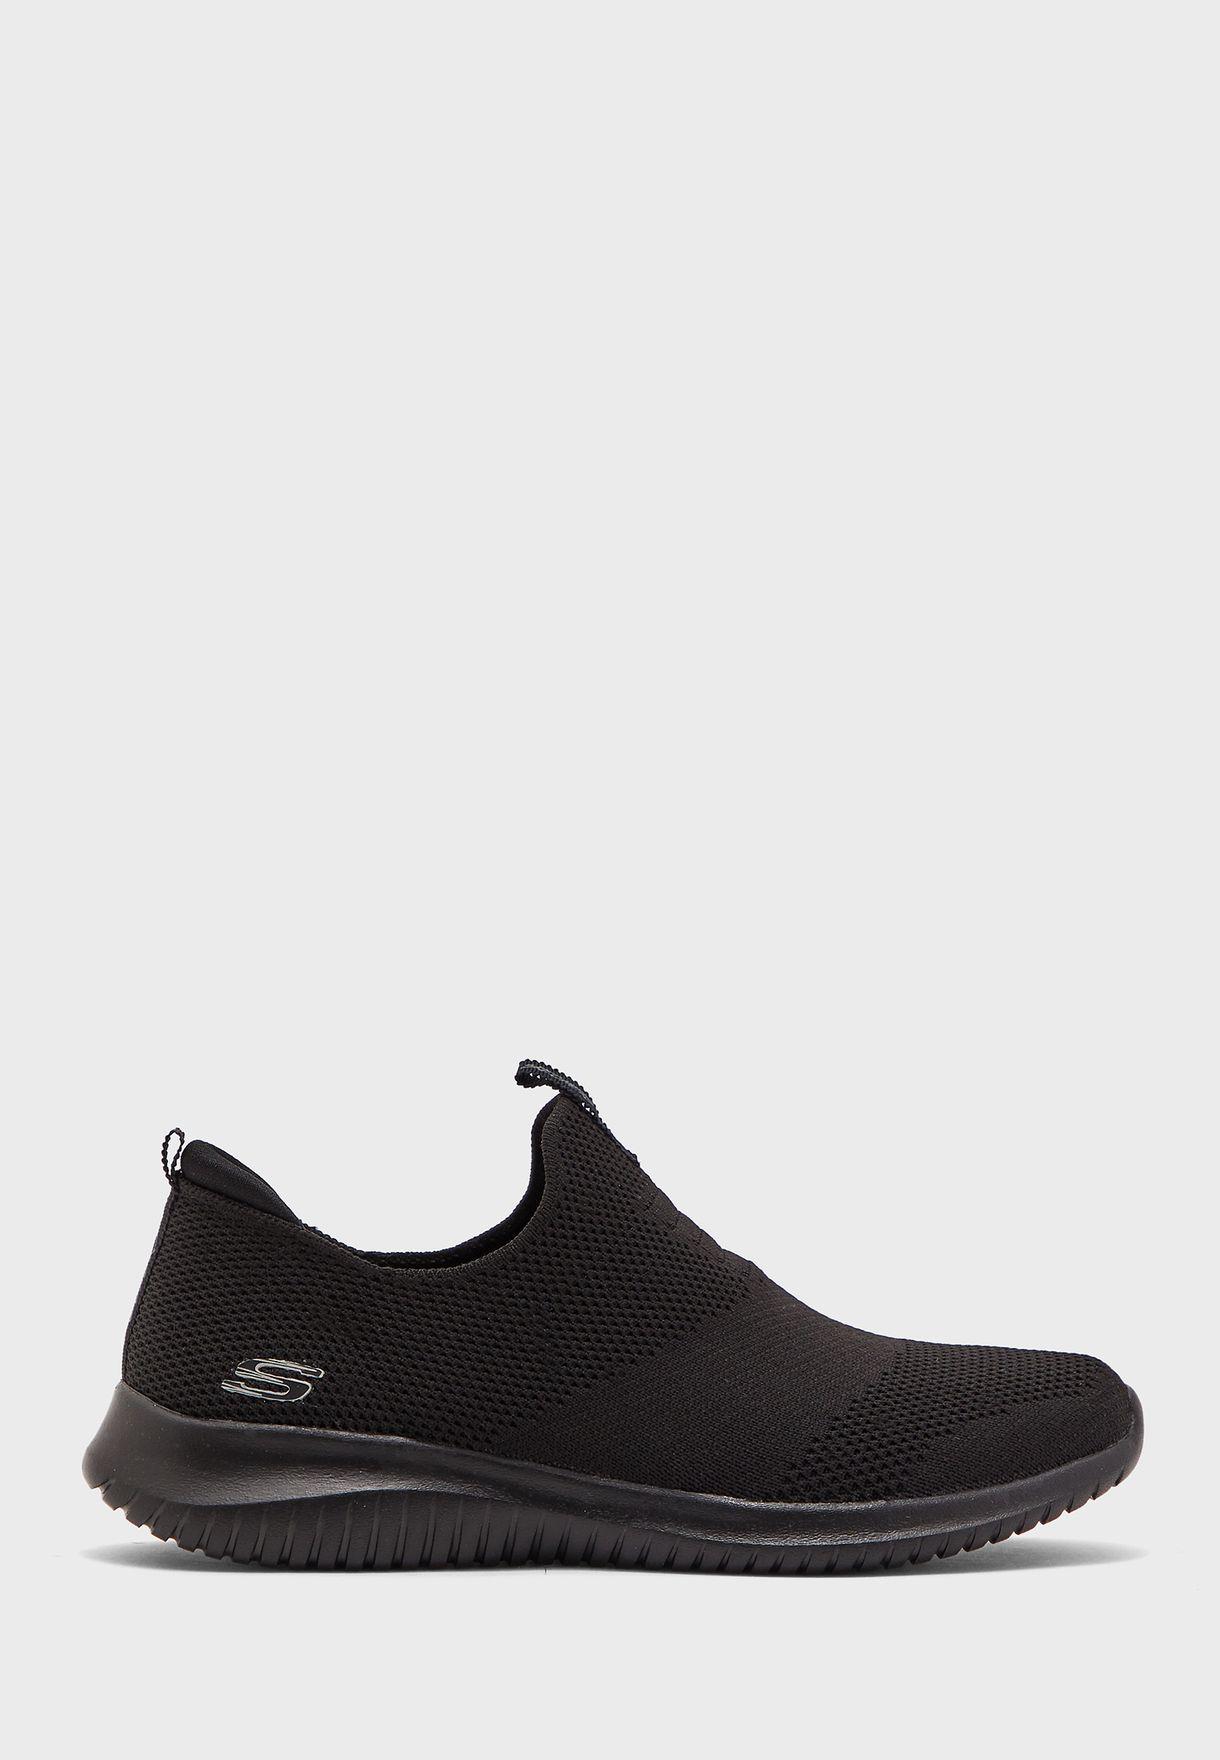 حذاء الترا فليكس - فيرست تيك